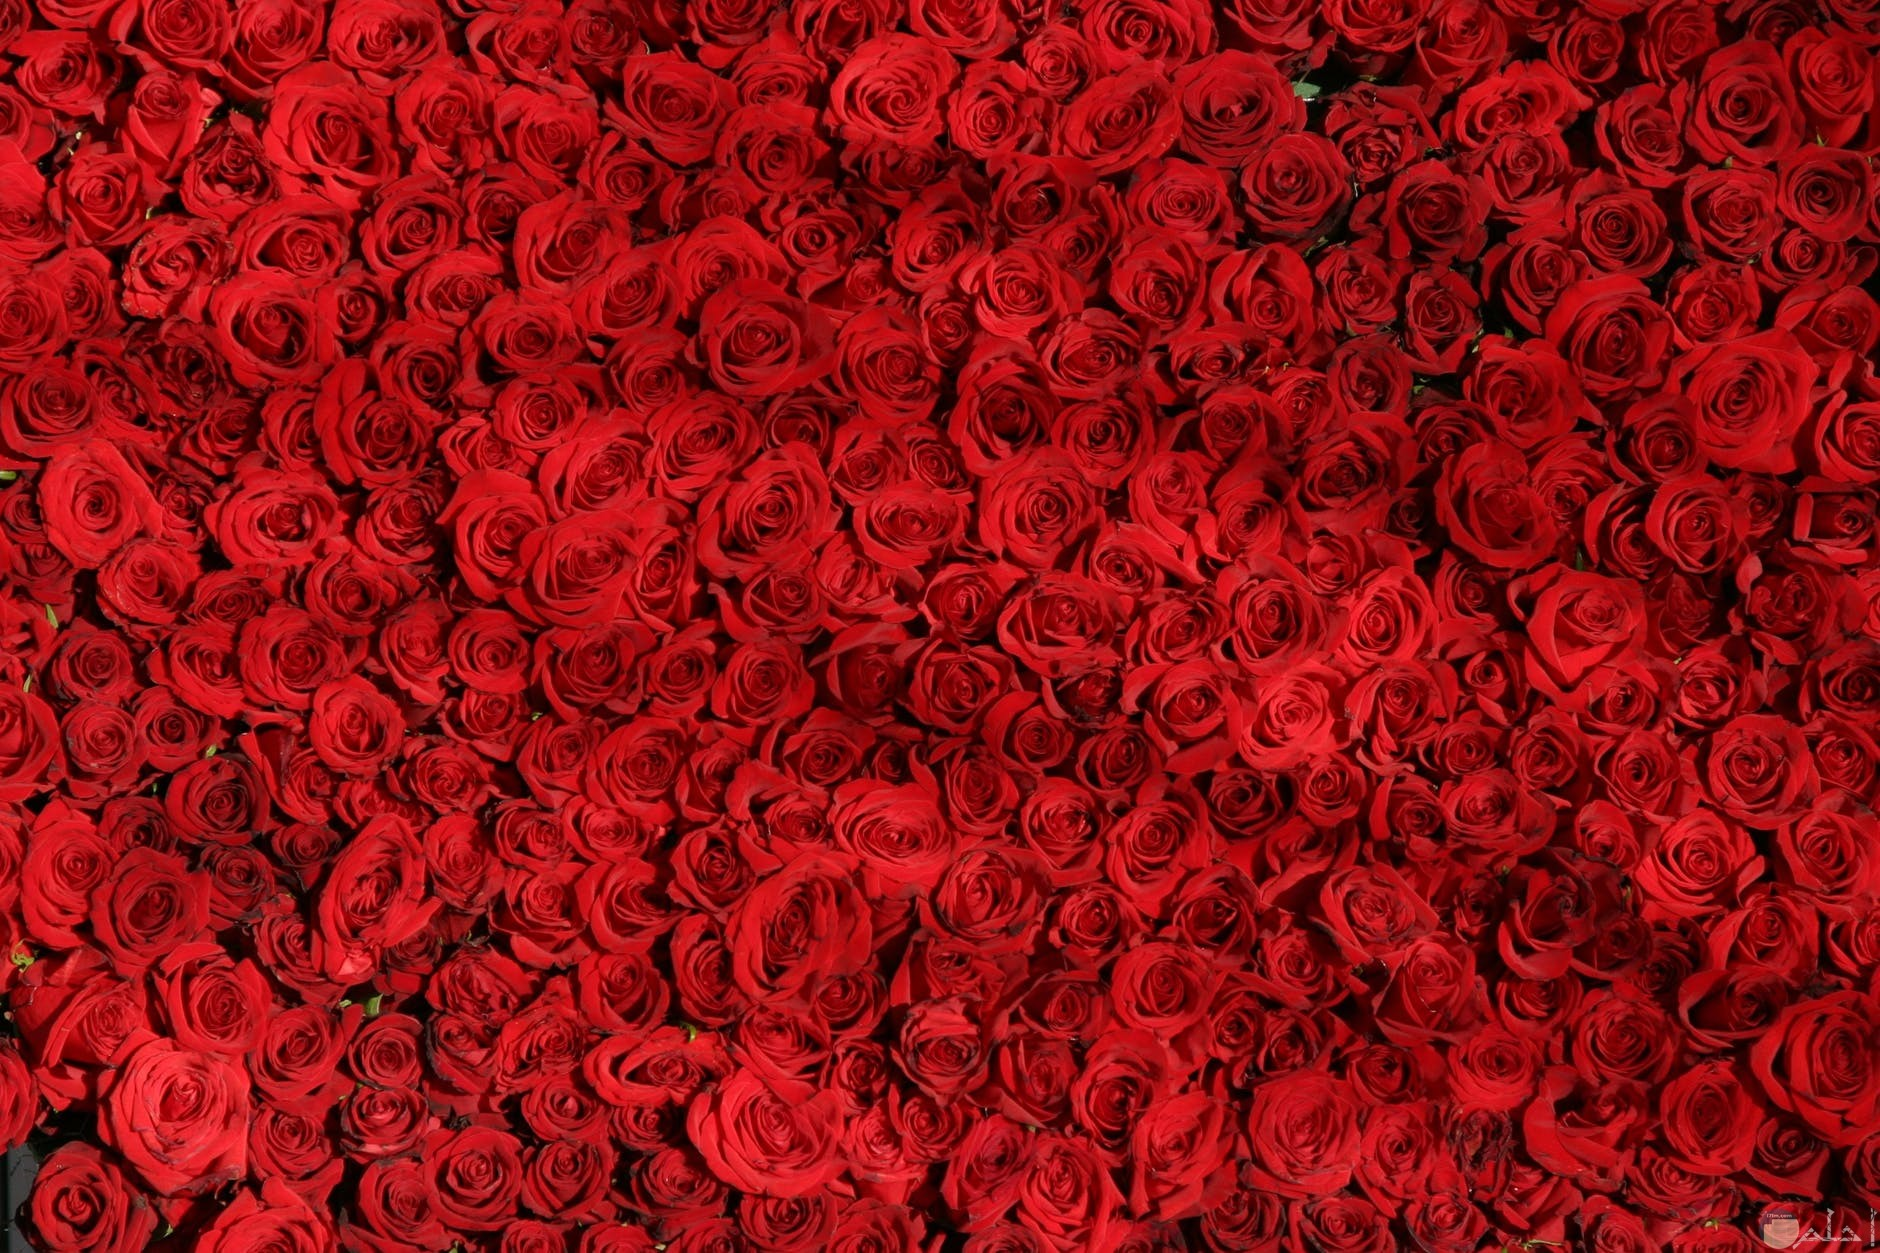 ثيمات ورد احمر للمحبين